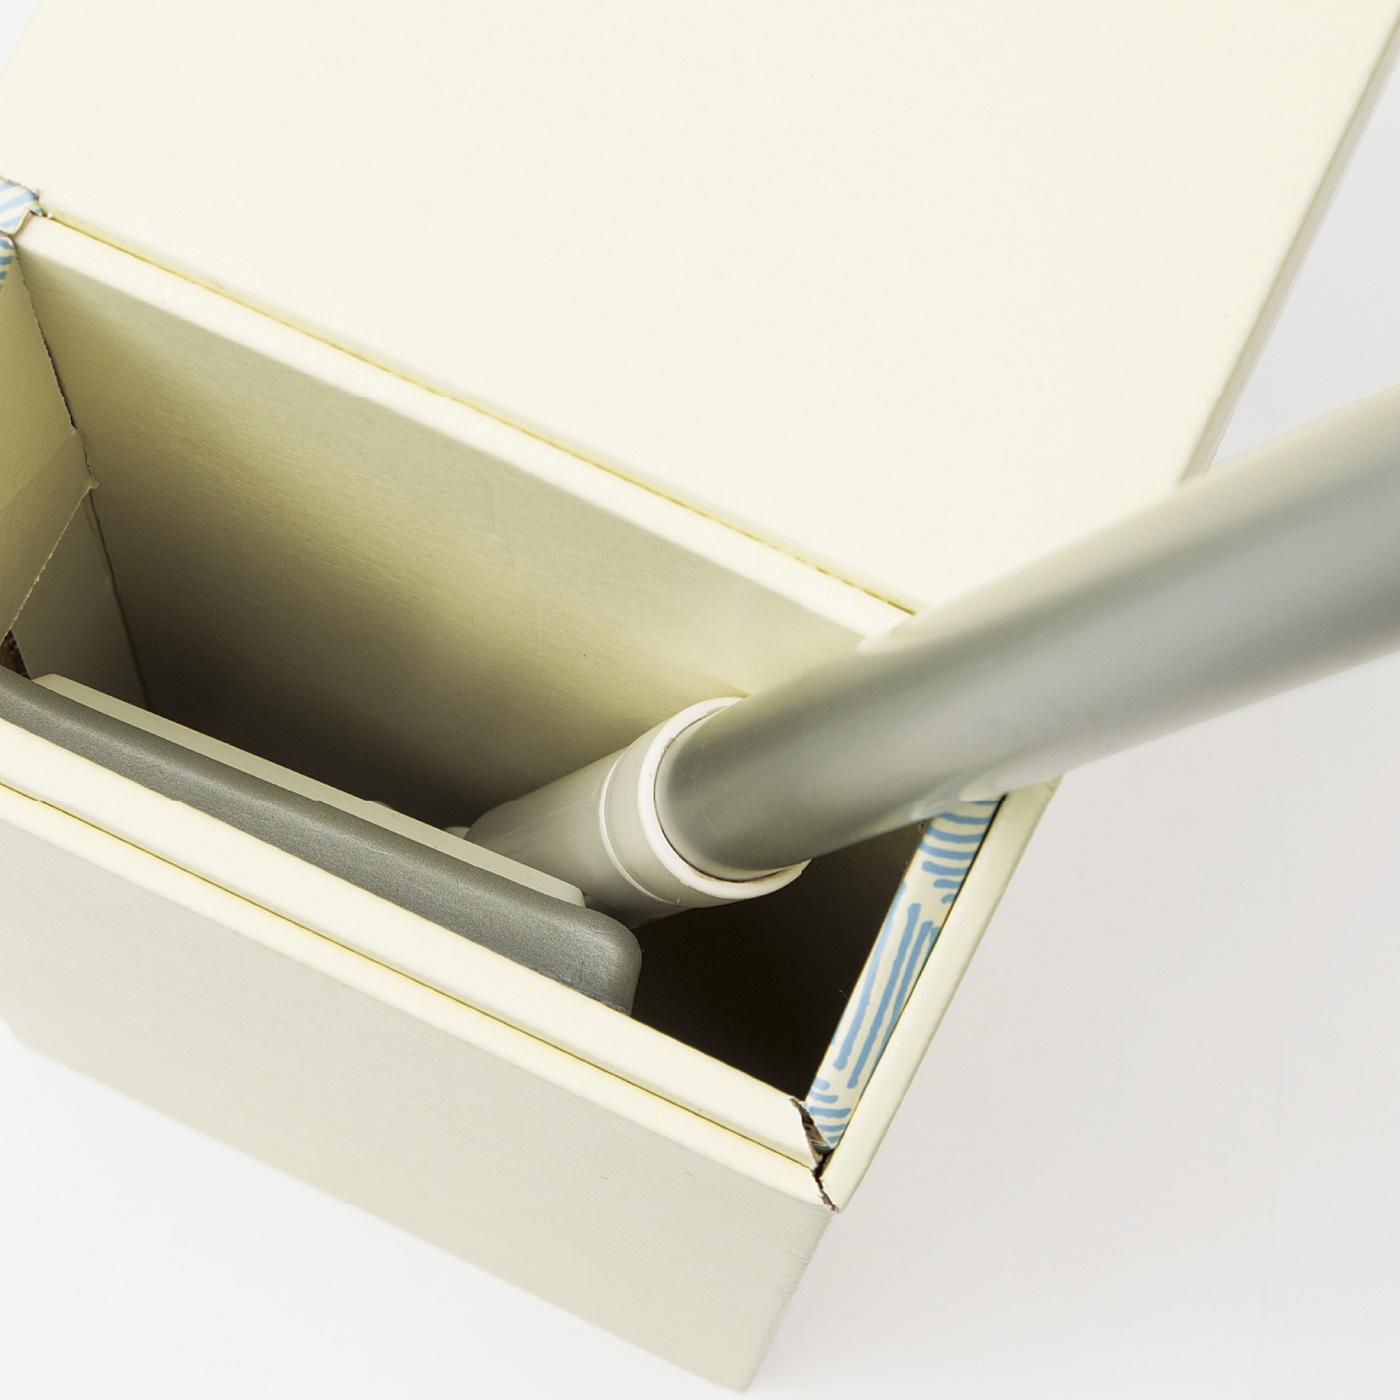 モップの汚れた部分をすっぽり目隠しして収納できます。